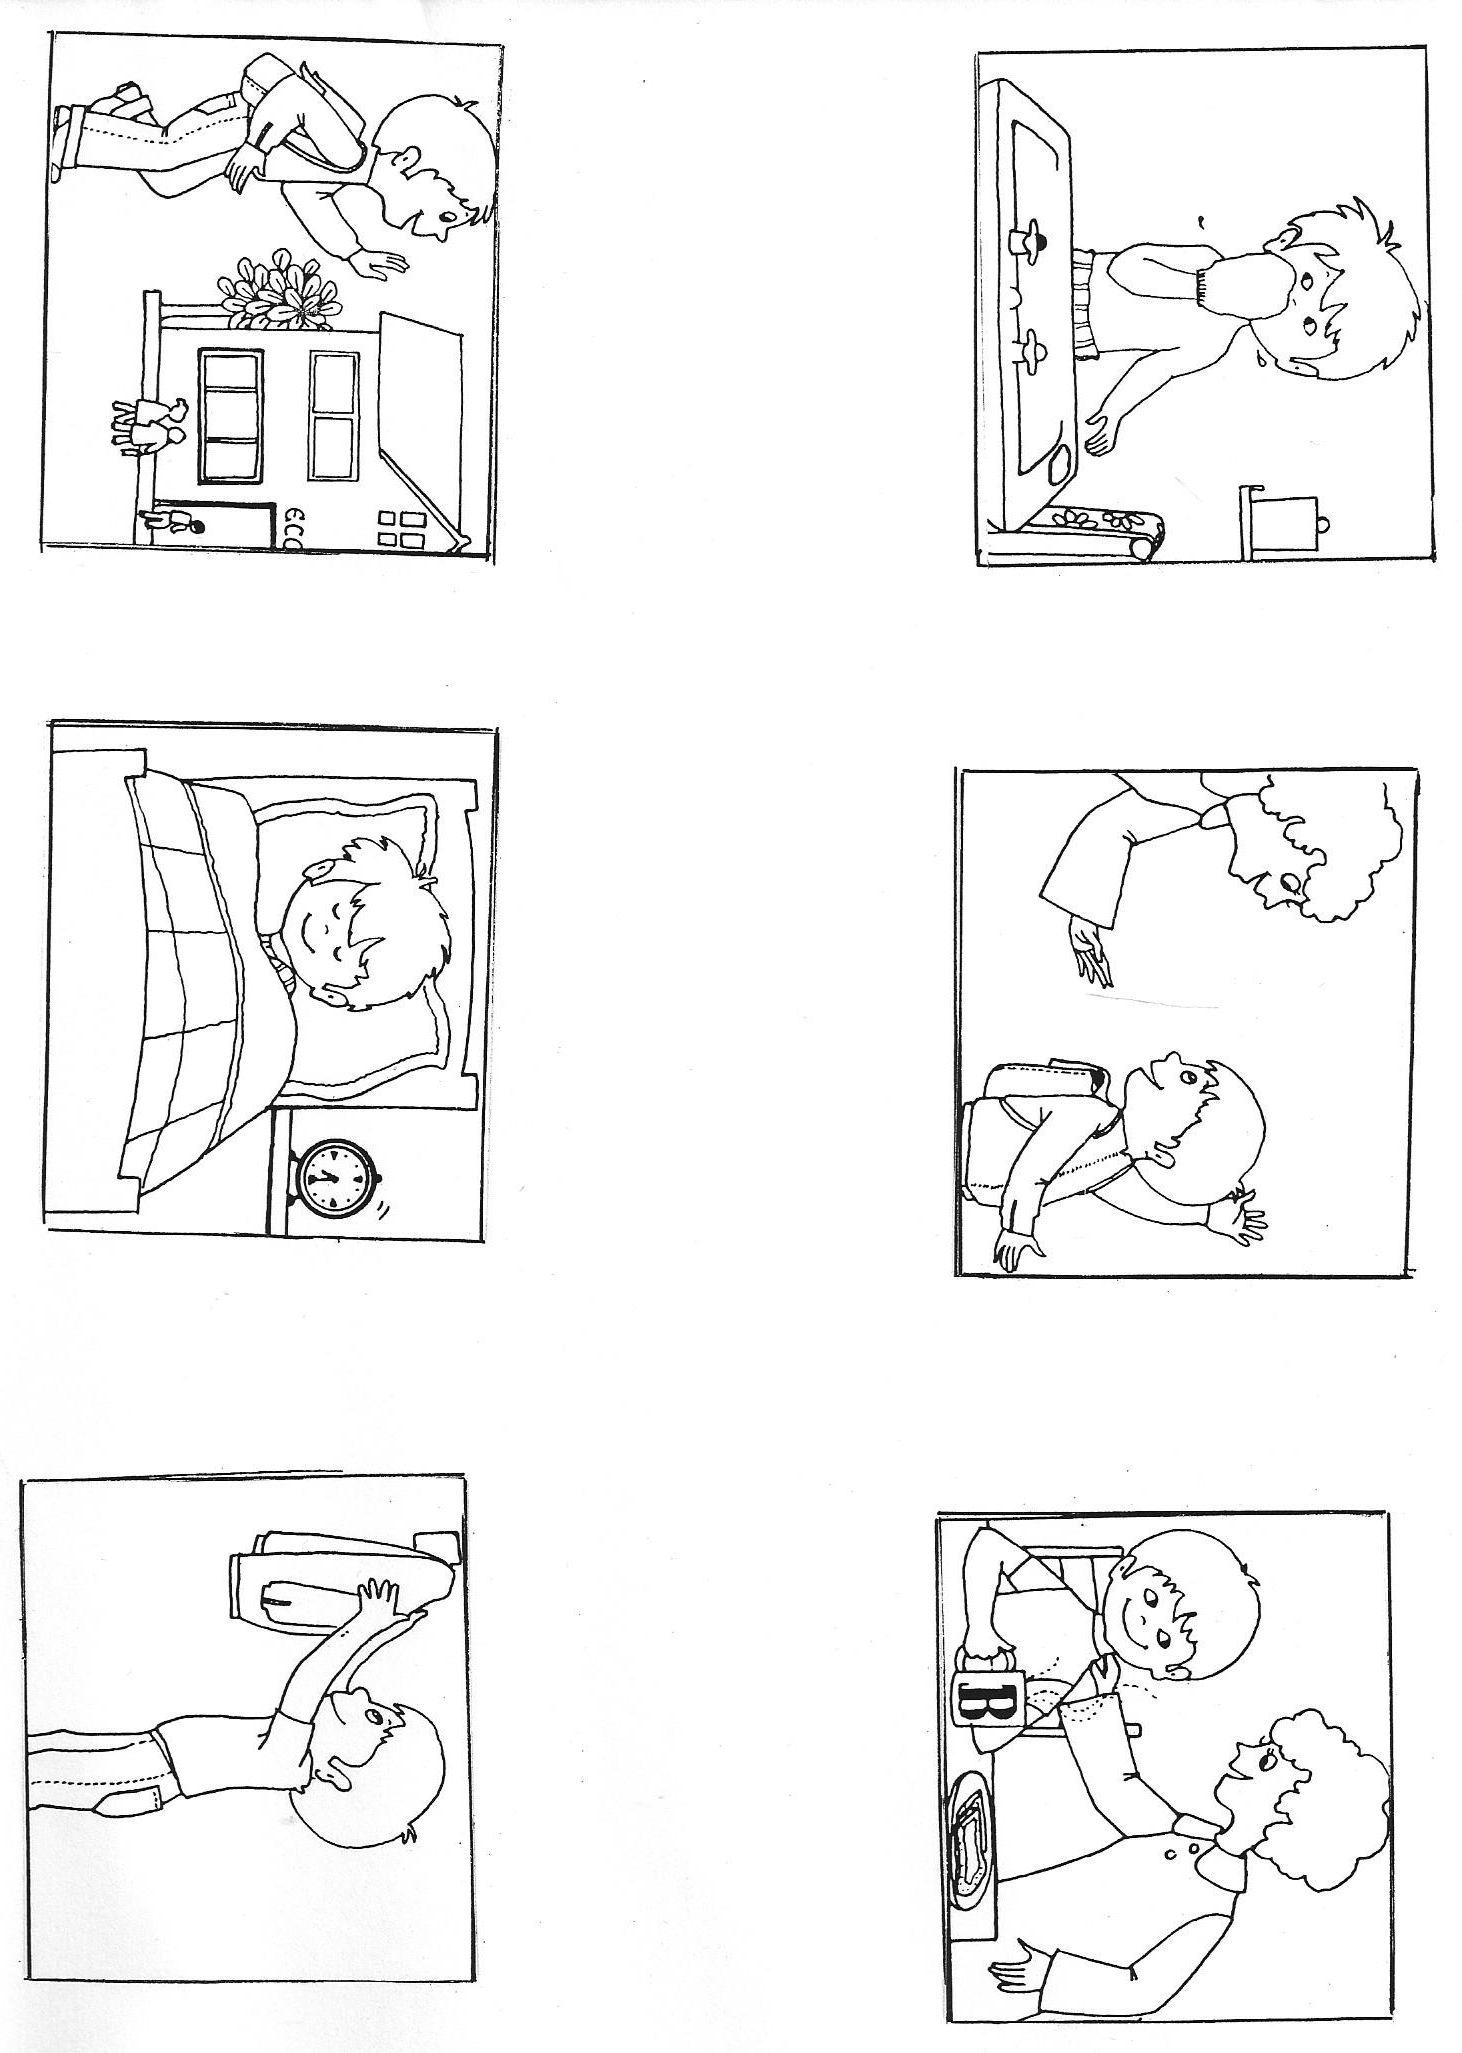 """Images séquentielles """"Une journée d'école"""" (8 images)"""